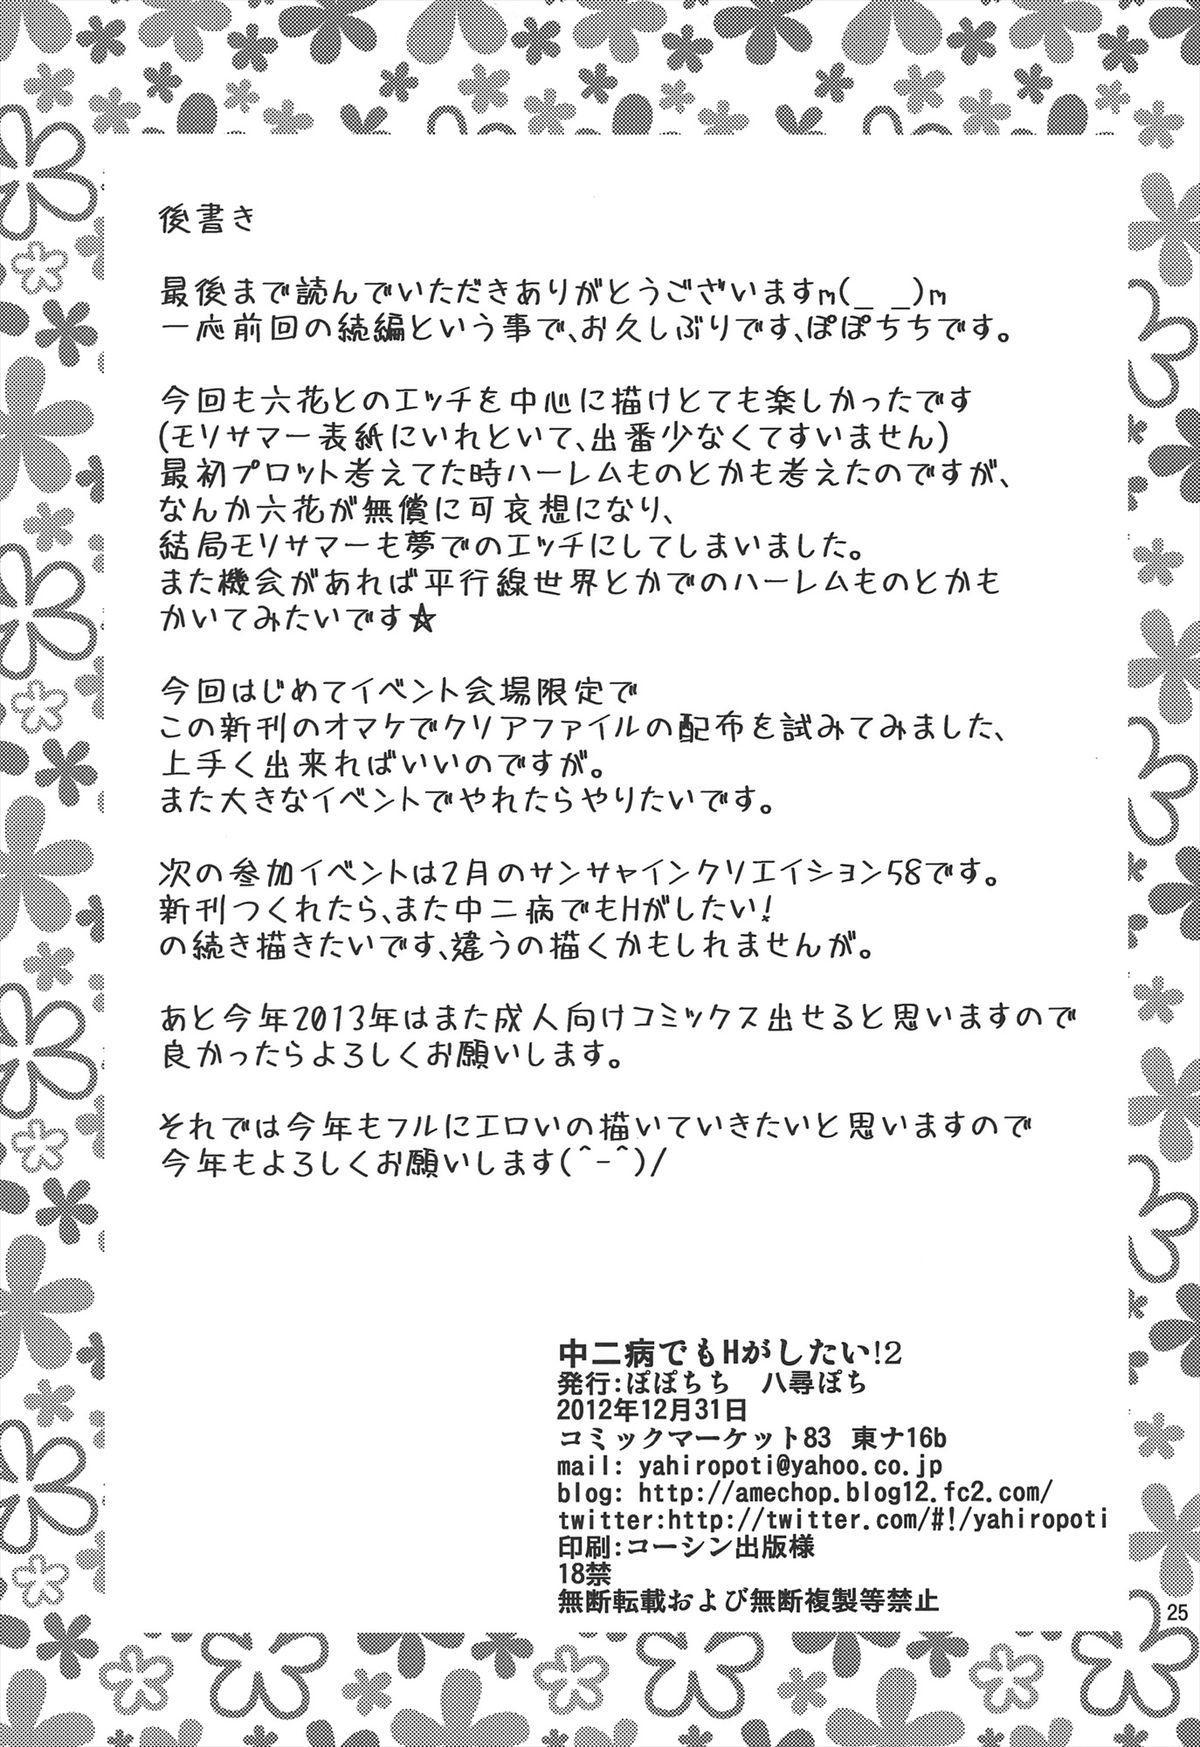 Chuunibyou Demo H ga Shitai! 2 24